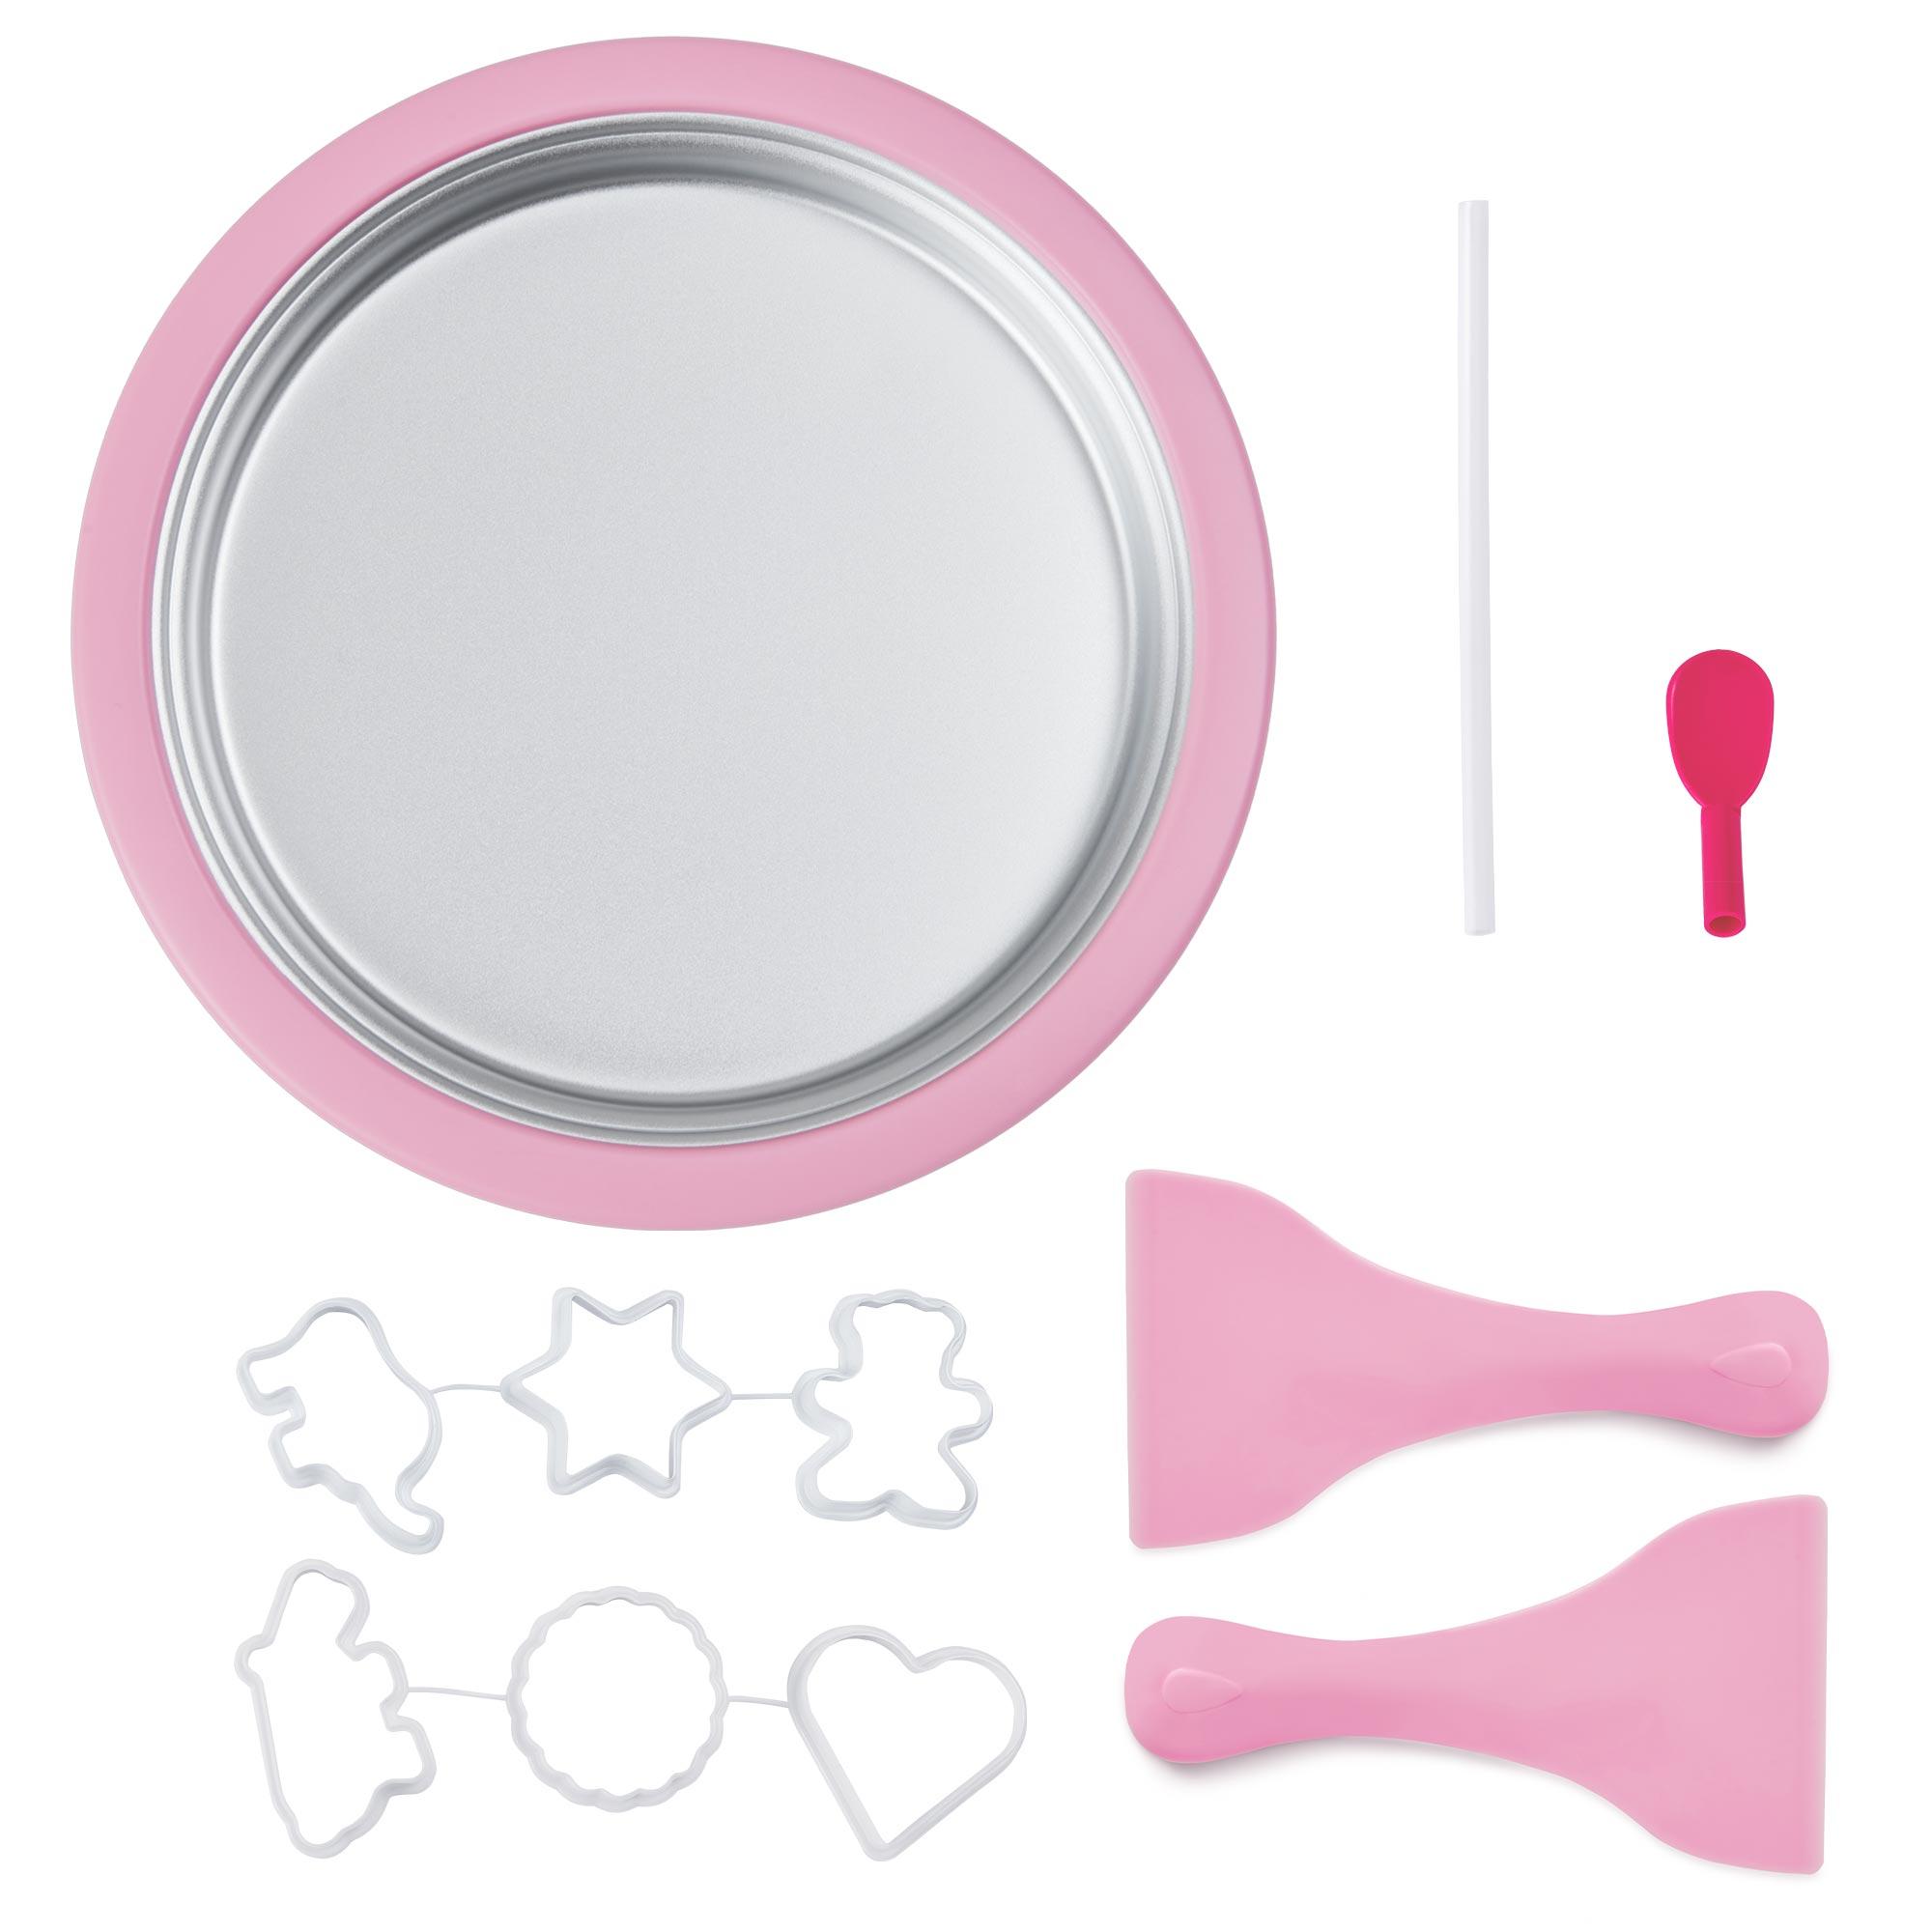 Gerolltes Eis selber machen - Ice Rolls DIY Set - 2